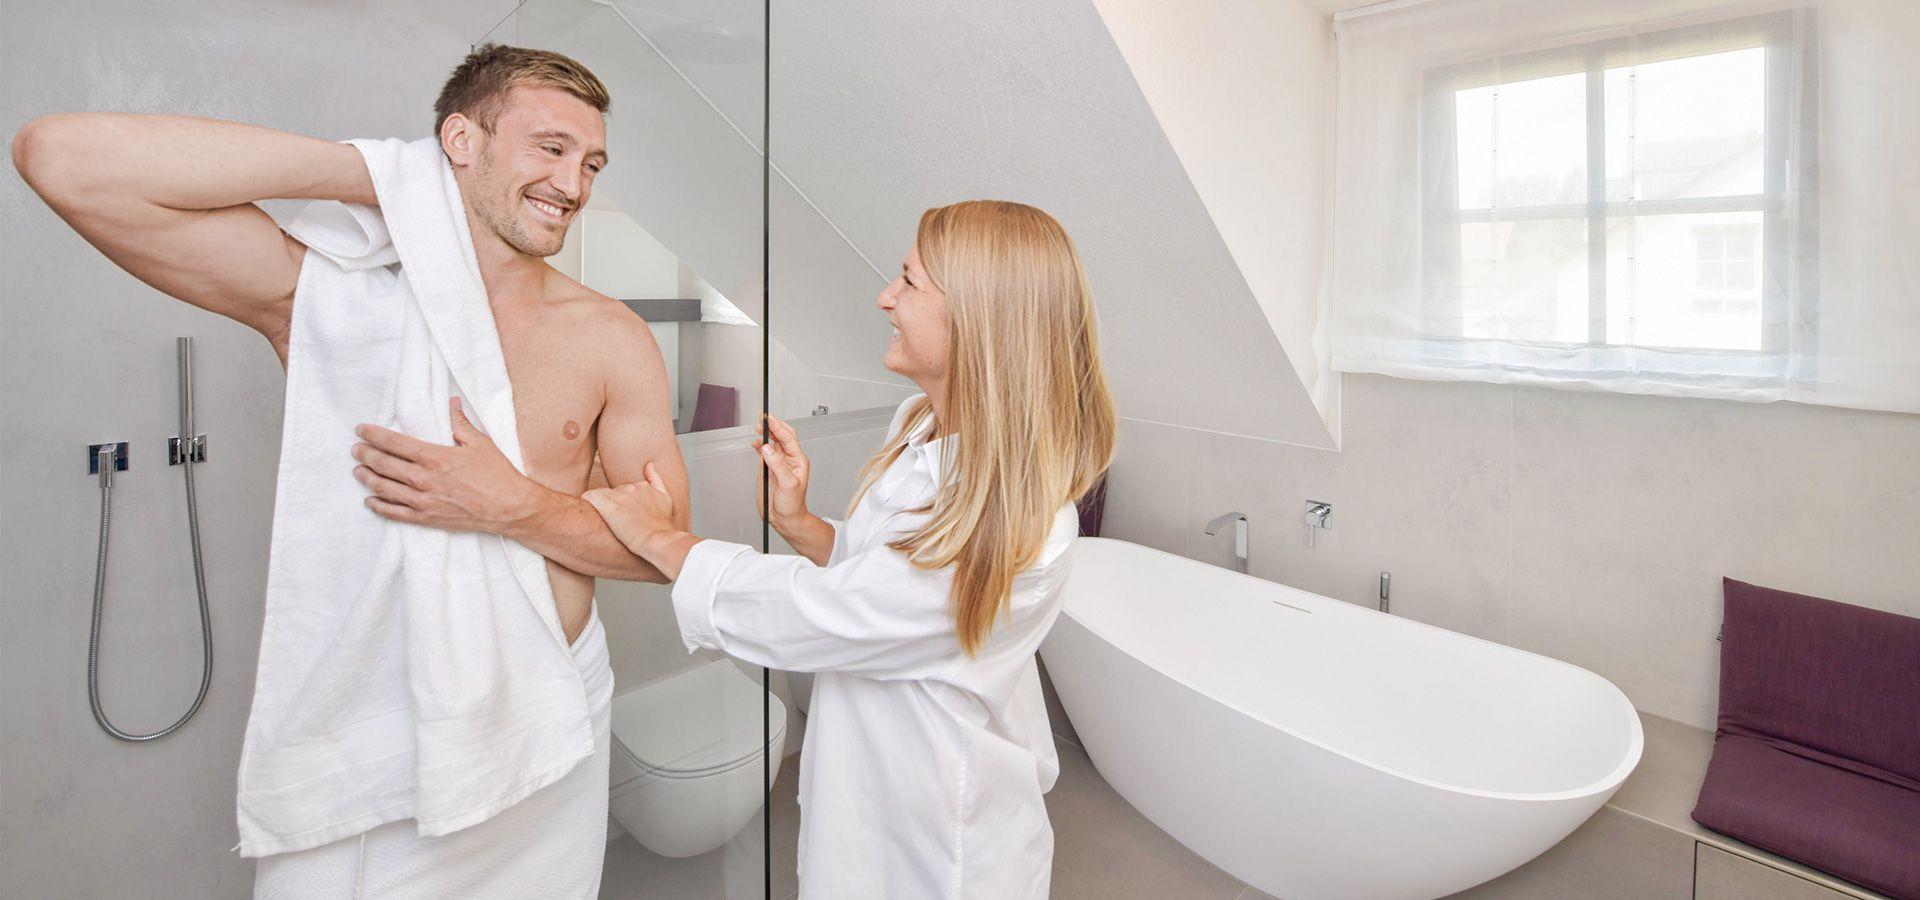 Platz für zwei im modernen Badezimmer